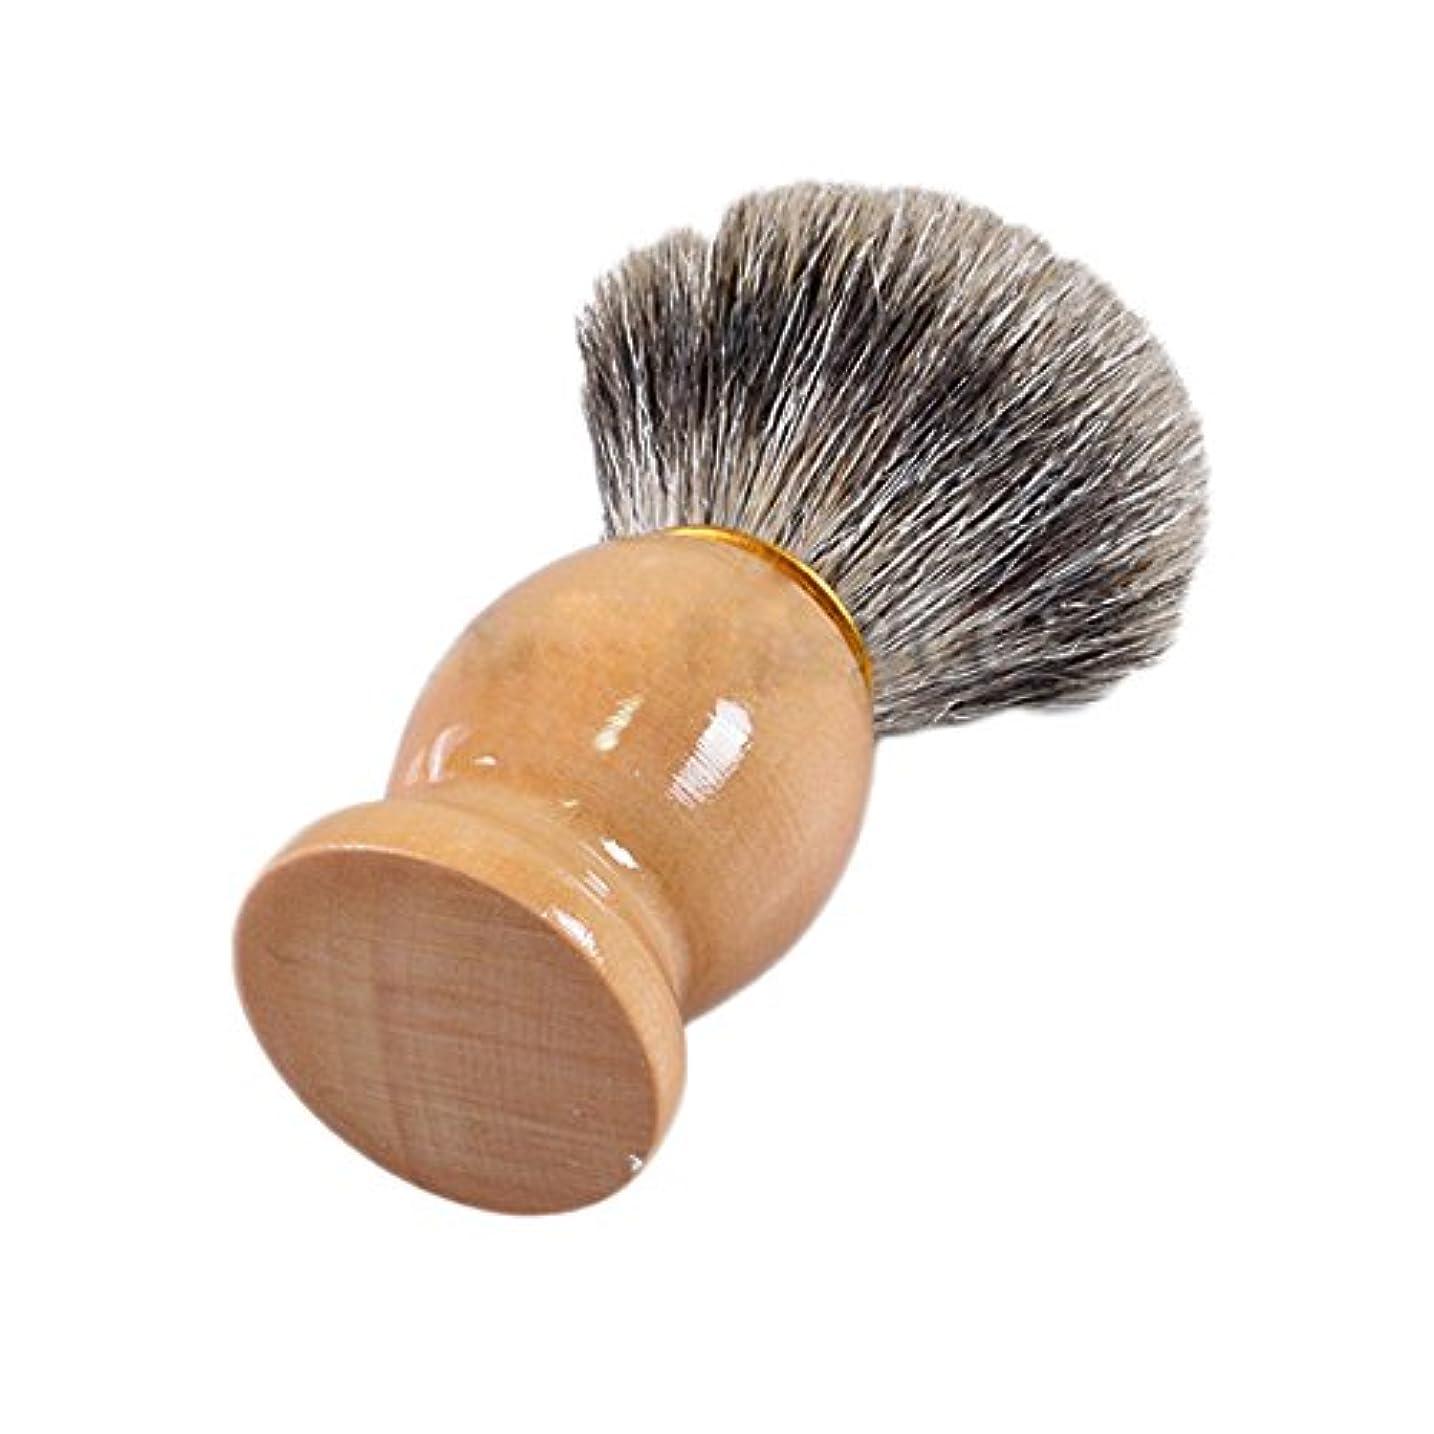 腕眠いです落ちたMSmask 純粋なアナグマ毛シェービングブラシ 木製ハンドルのシェービングブラシで